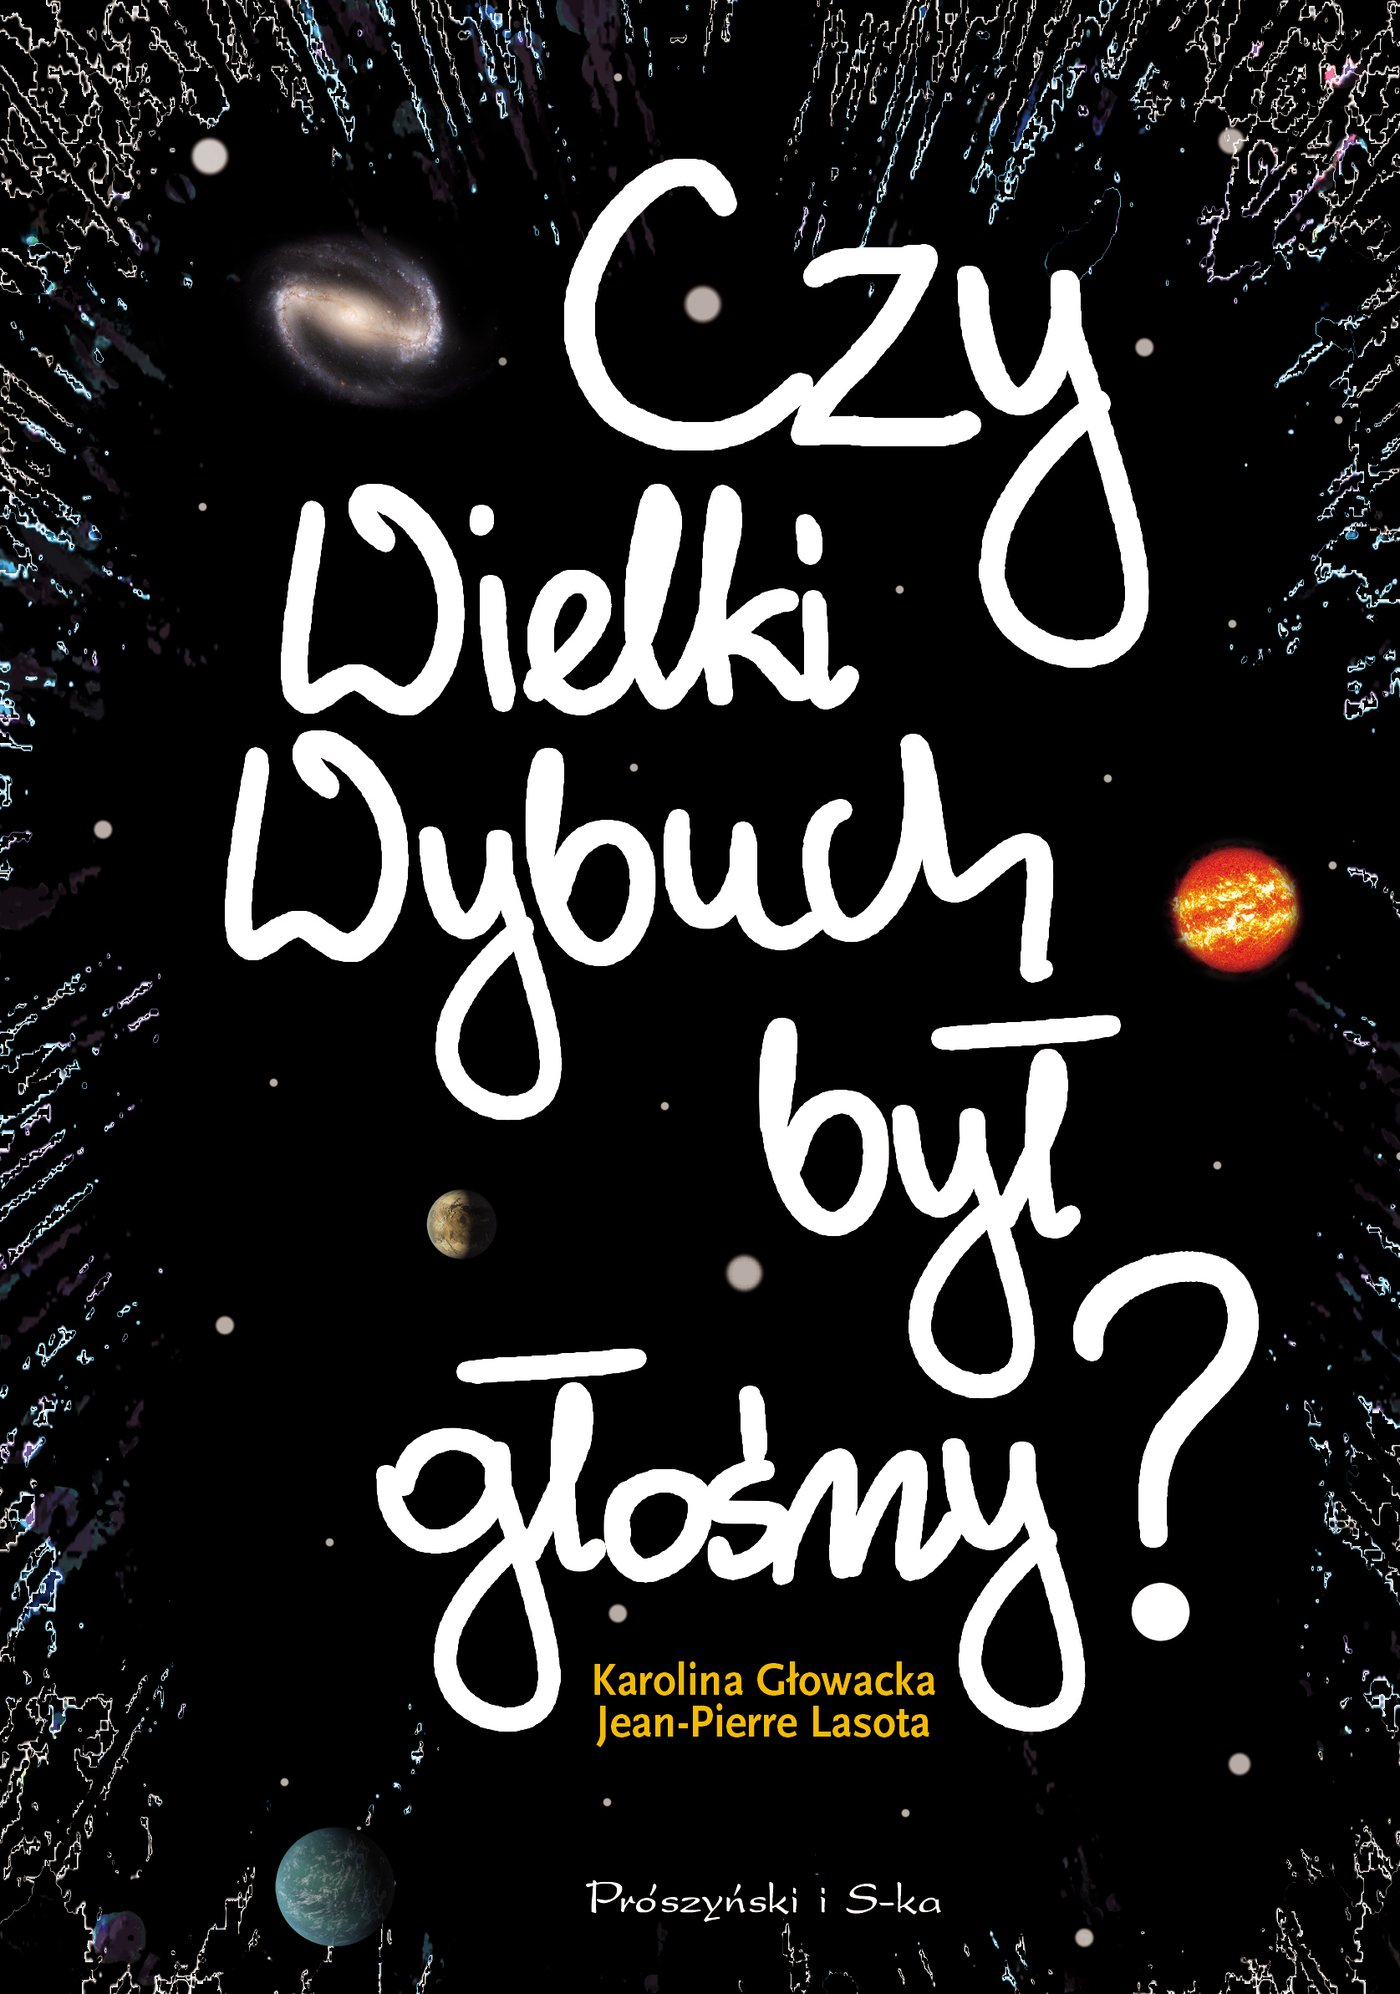 Czy Wielki Wybuch był głośny? - Ebook (Książka EPUB) do pobrania w formacie EPUB